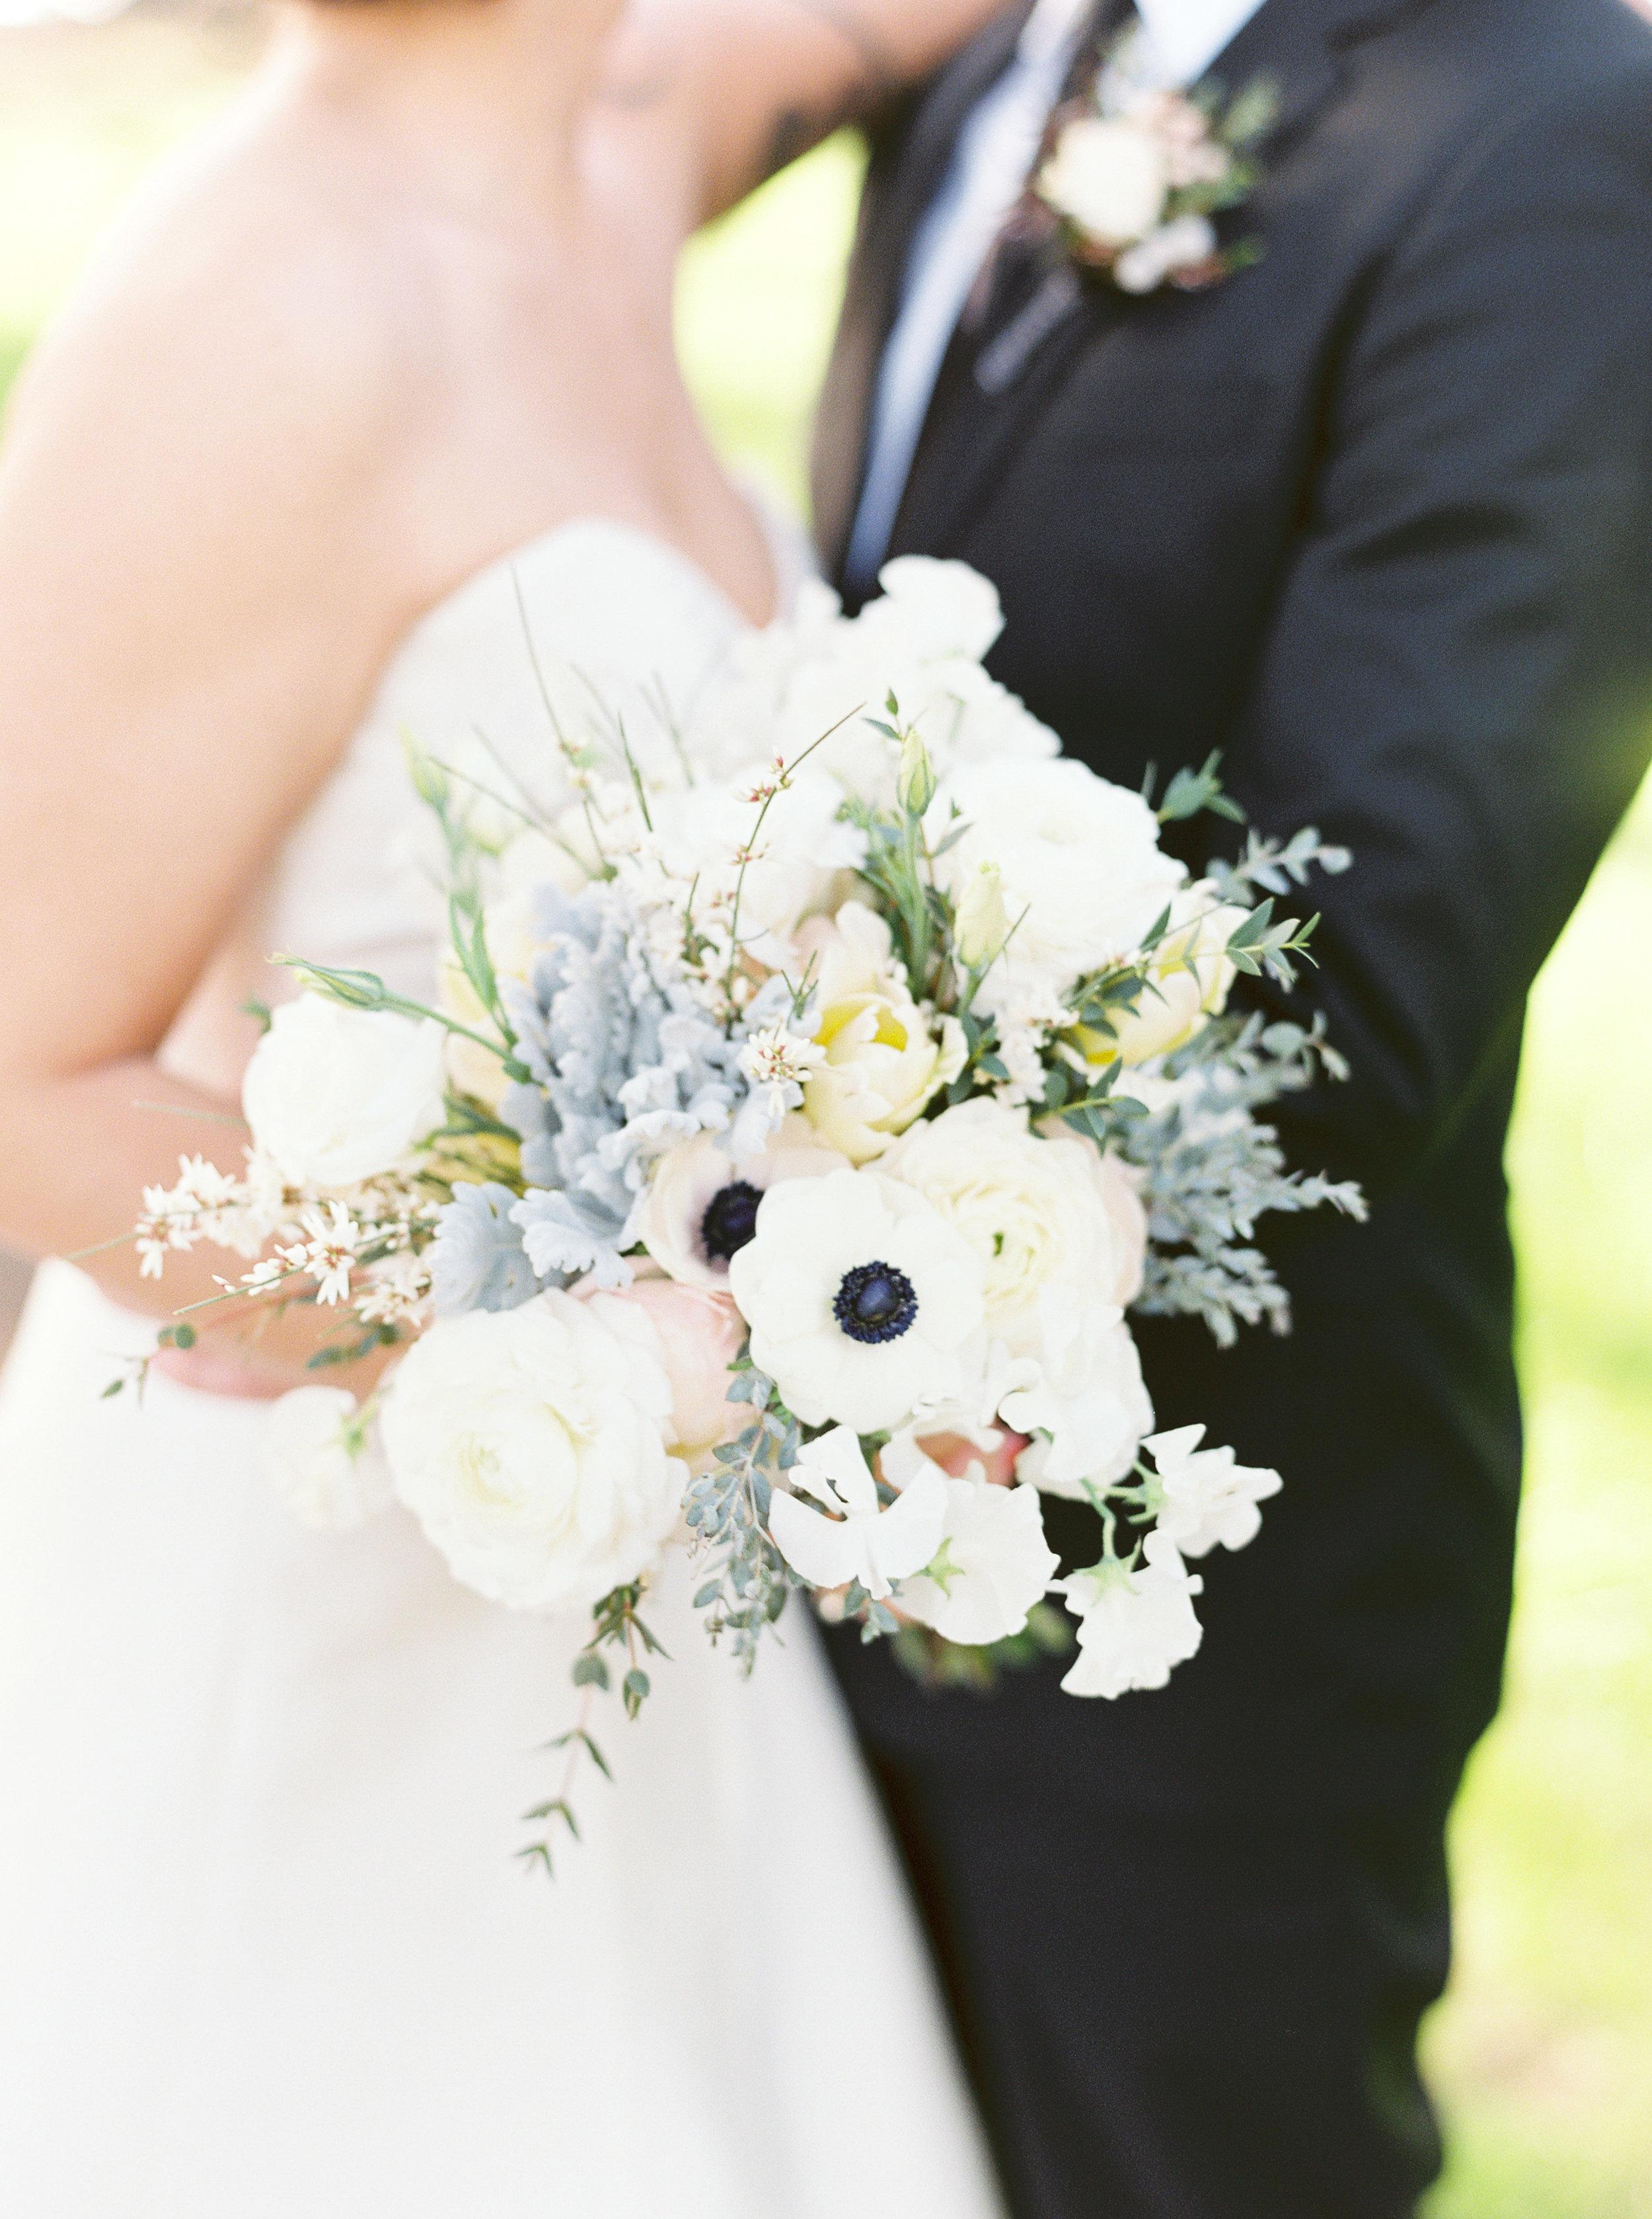 Mavericks-event-center-wedding-in-half-moon-bay-california480.jpg